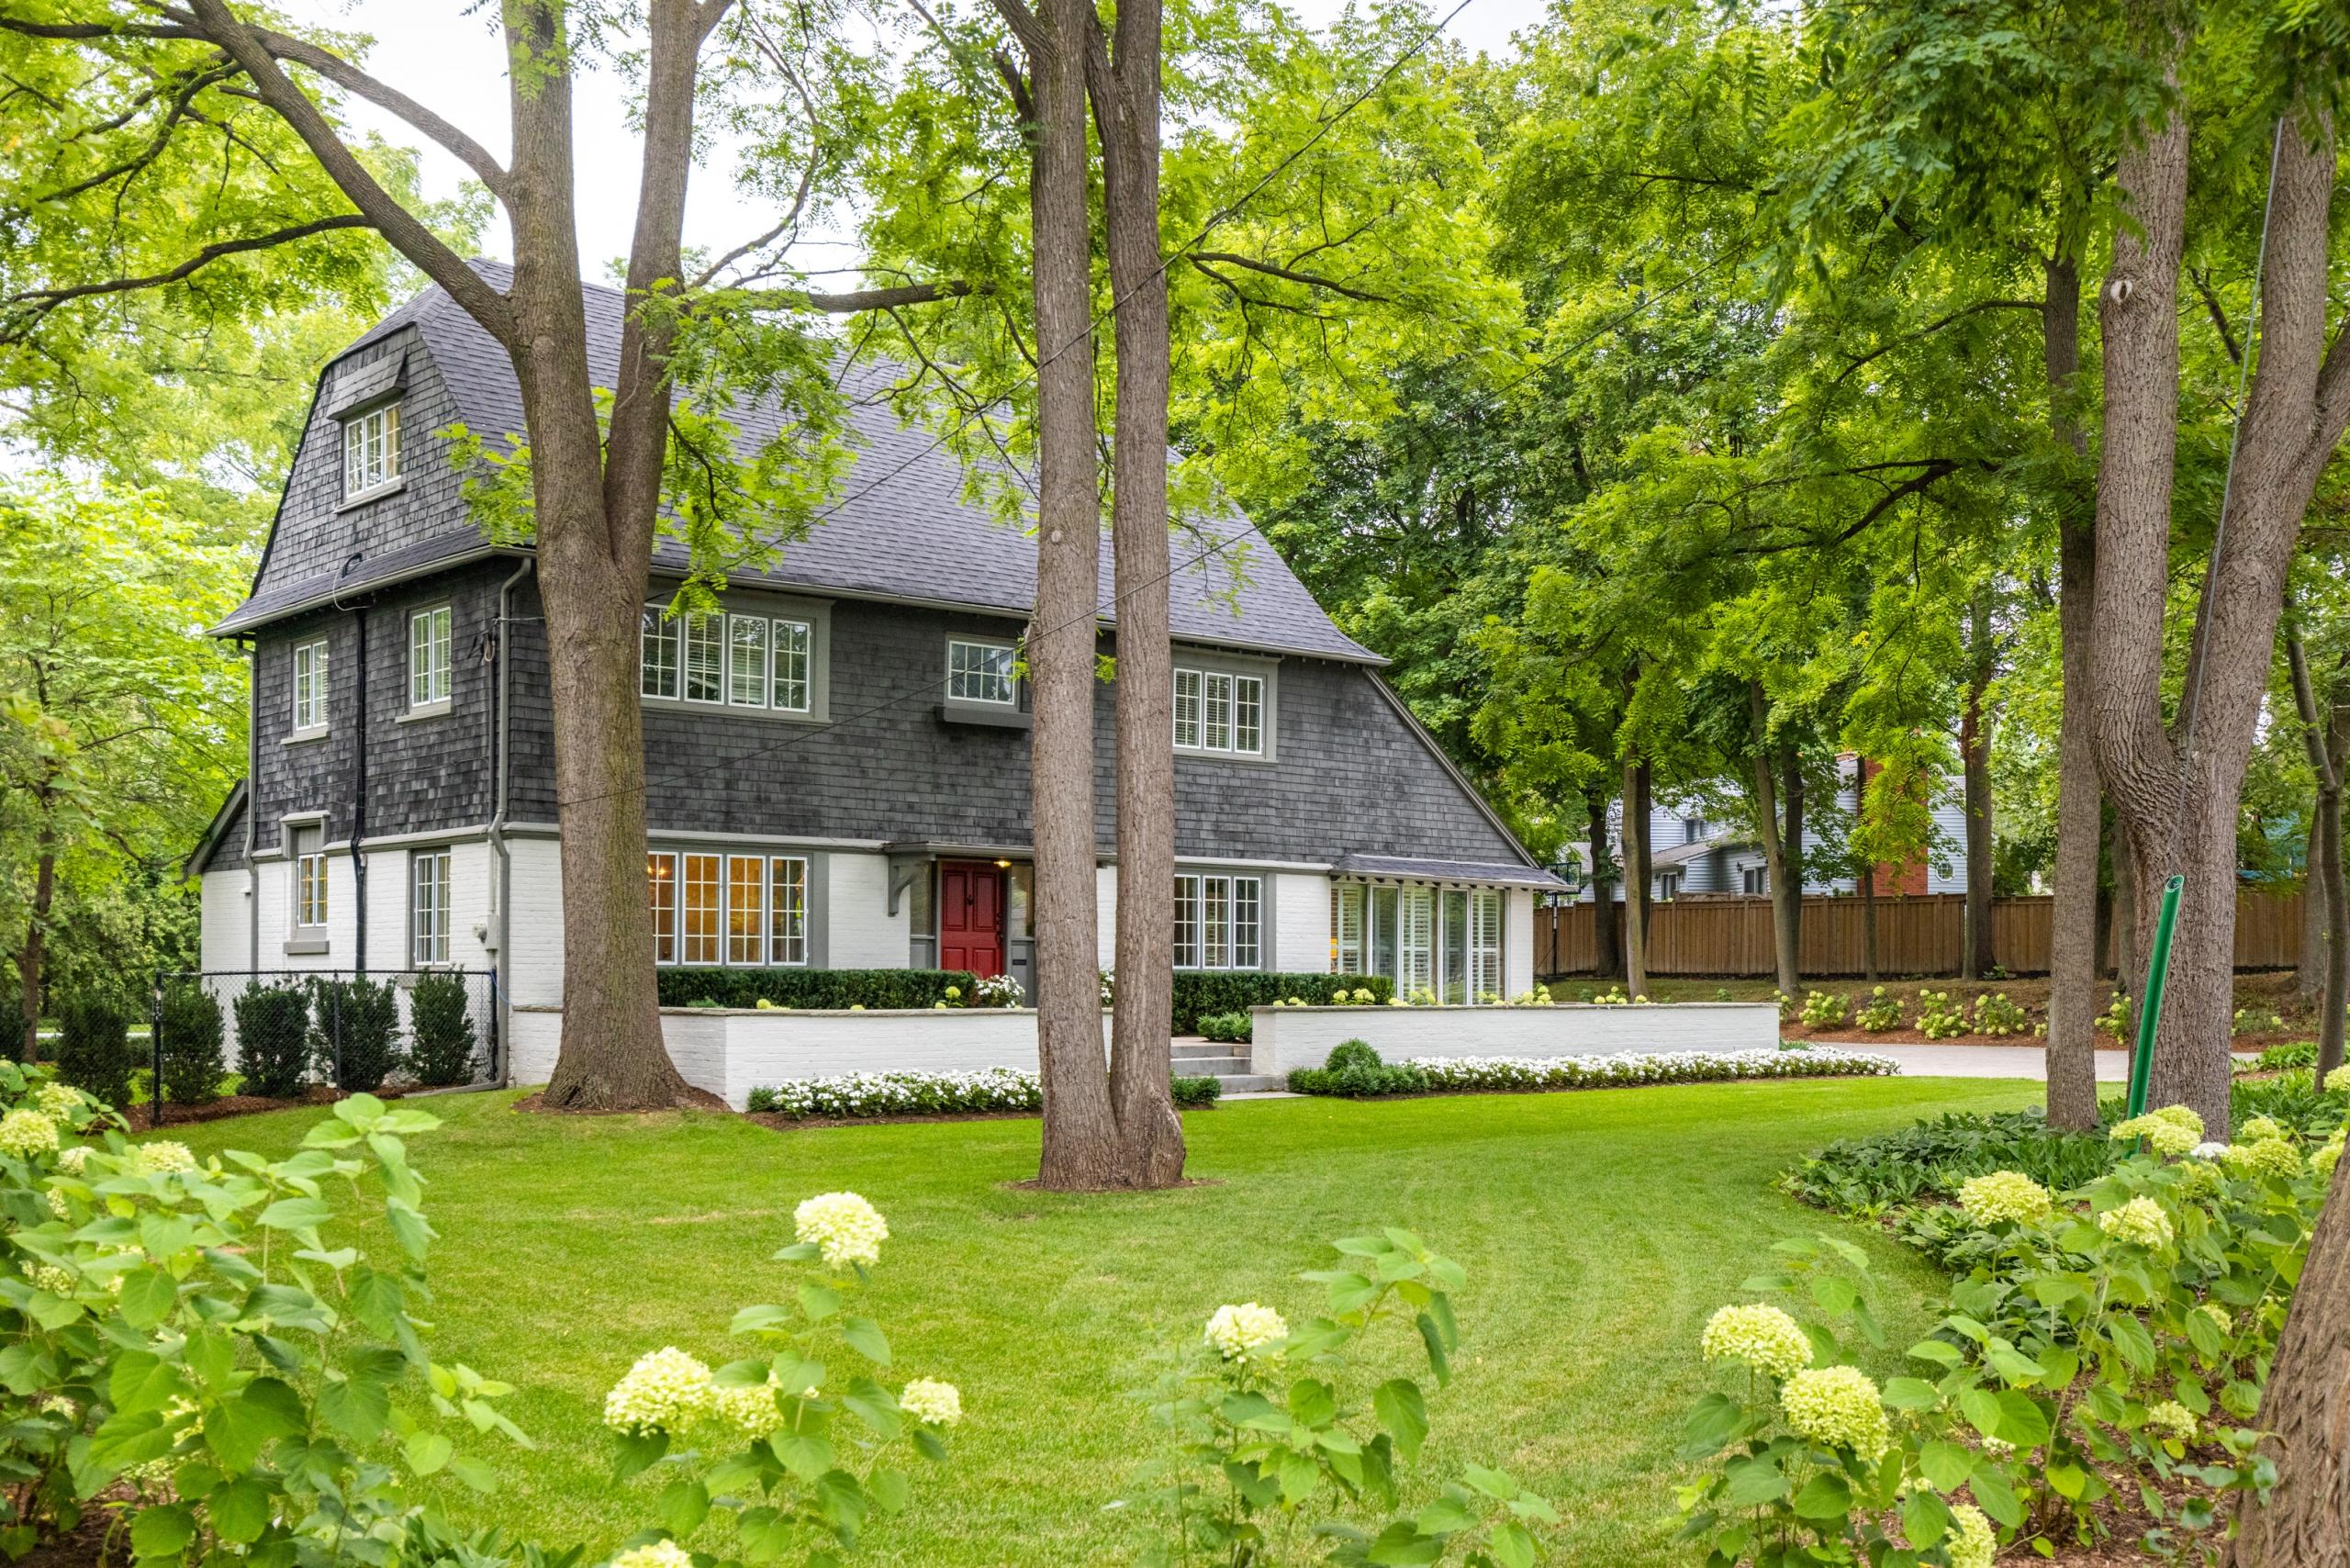 Garden featured at 573 Lakeshore Road West, Oakville, ON at Alex Irish & Associates